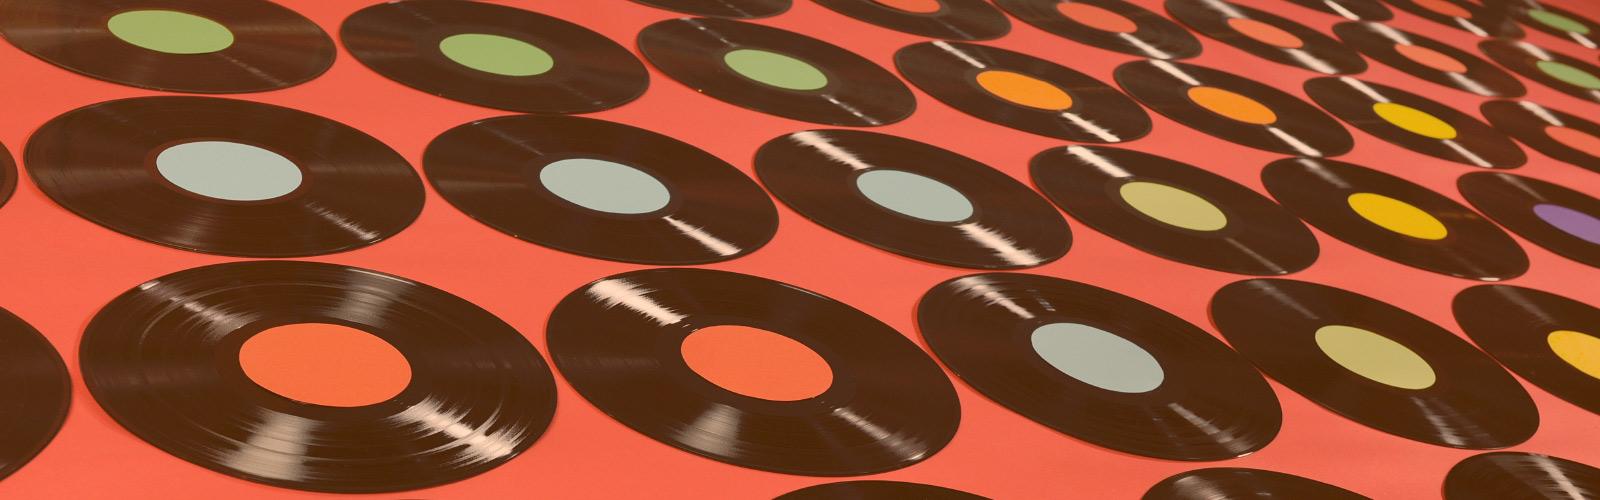 Todo lo que debes saber para editar música en vinilo.